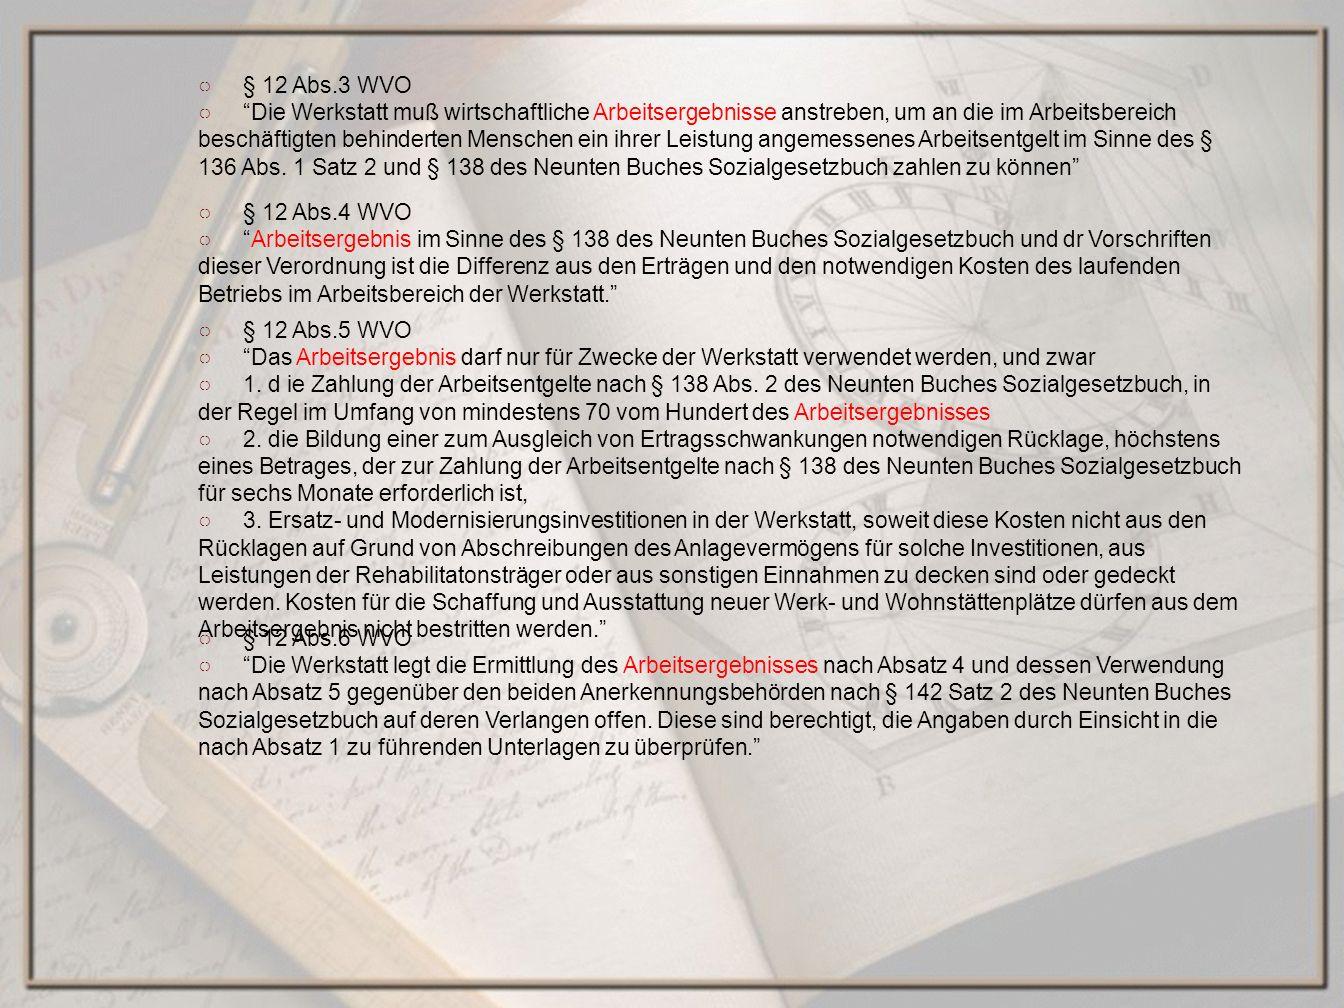 § 12 Abs.4 WVO Arbeitsergebnis im Sinne des § 138 des Neunten Buches Sozialgesetzbuch und dr Vorschriften dieser Verordnung ist die Differenz aus den Erträgen und den notwendigen Kosten des laufenden Betriebs im Arbeitsbereich der Werkstatt.